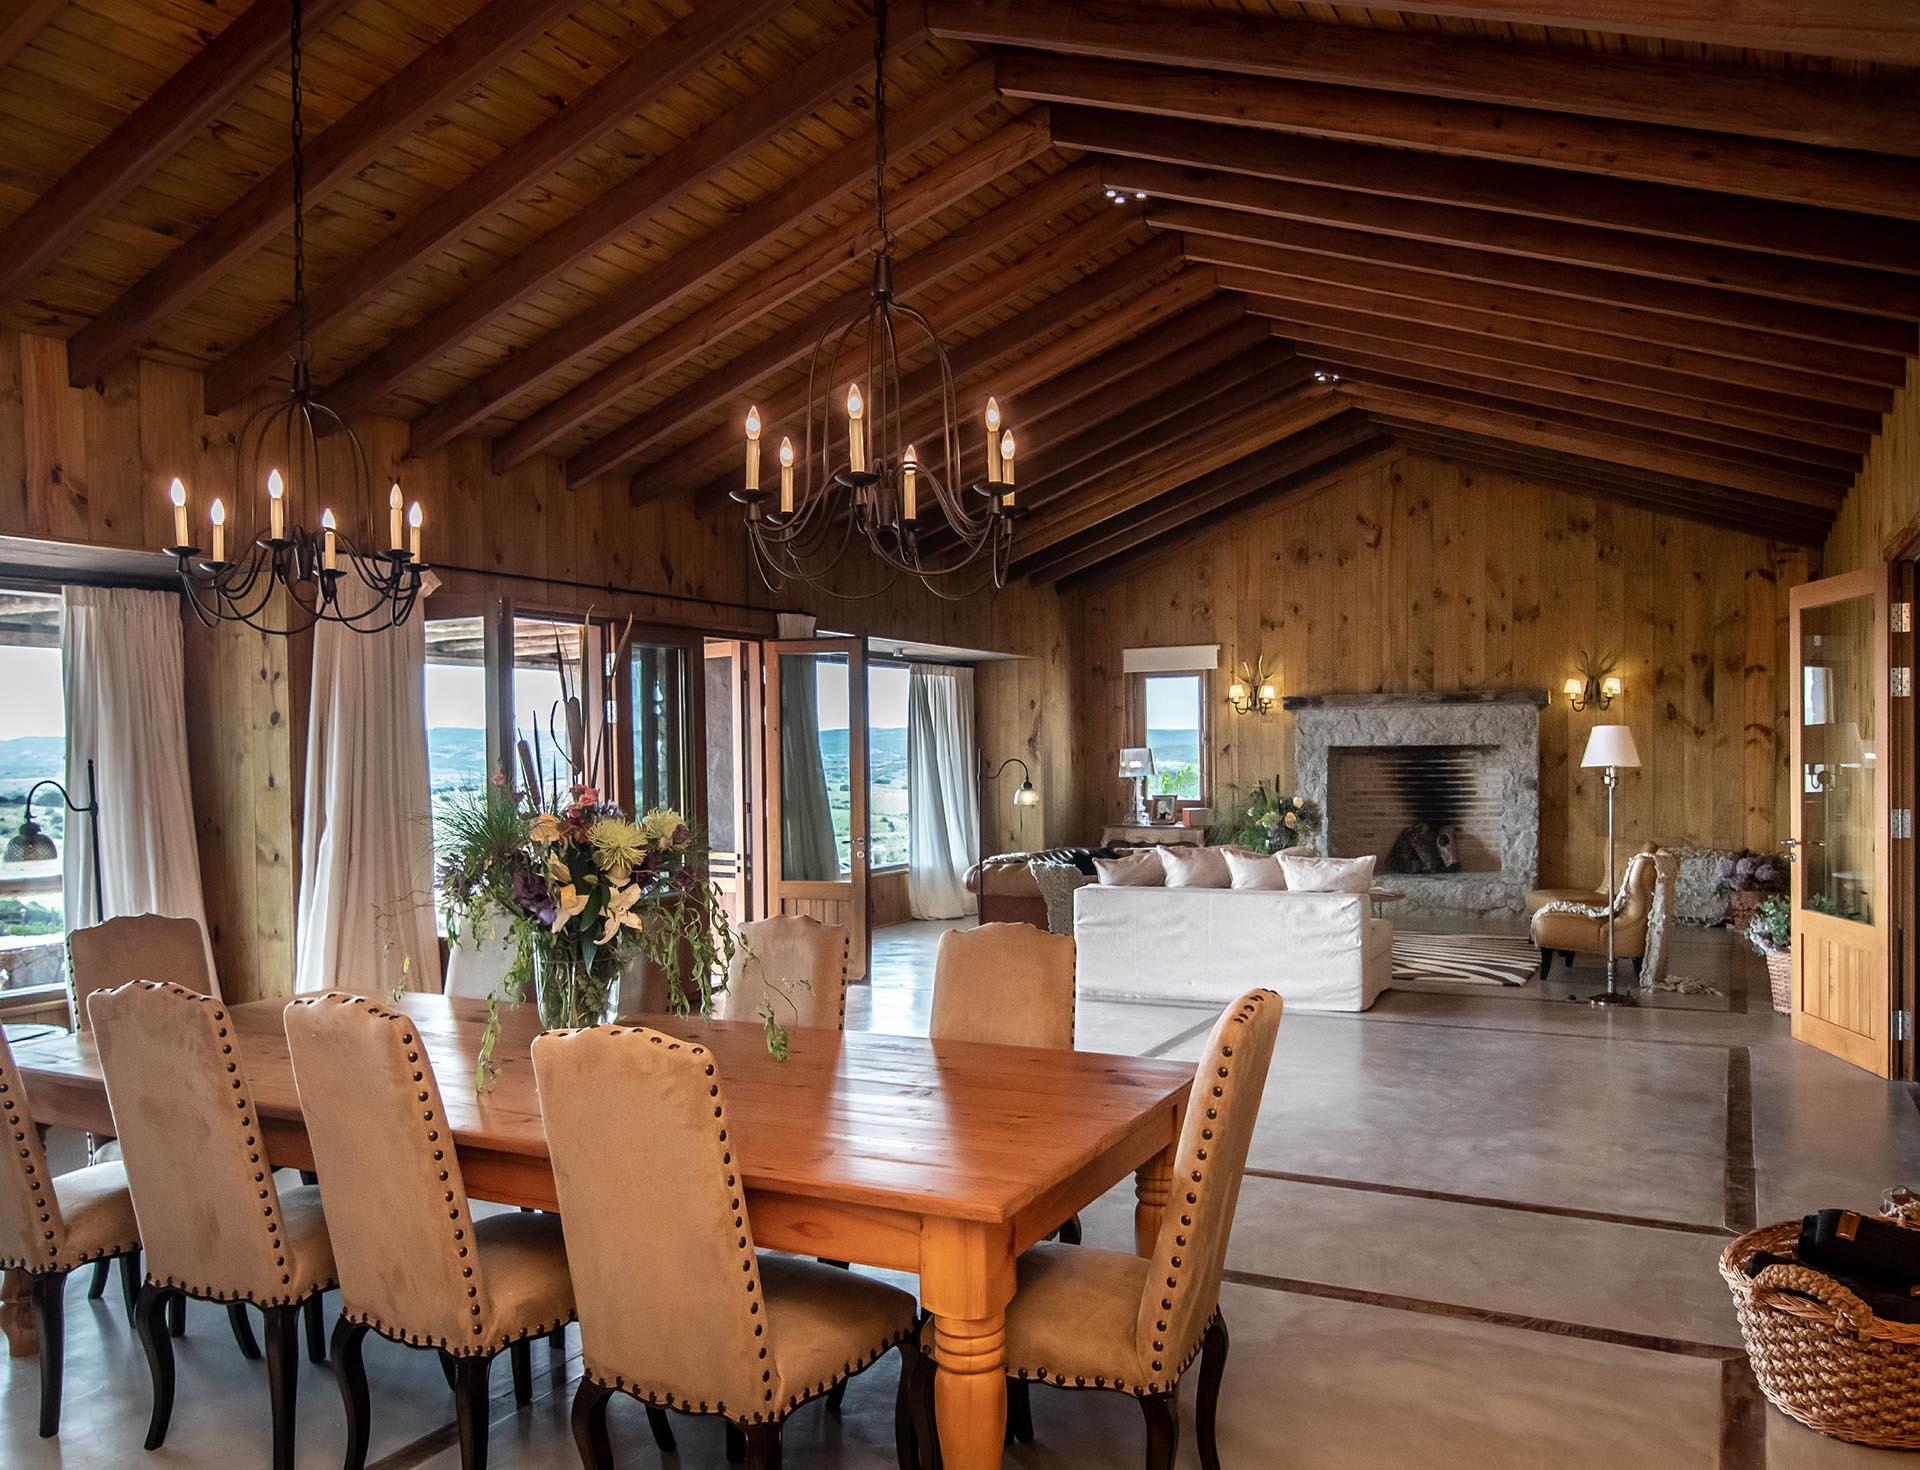 La casa cuenta con una gran sala de estar con maderas recuperadas, y una chimenea rodeada de piedra y grandes ventanales